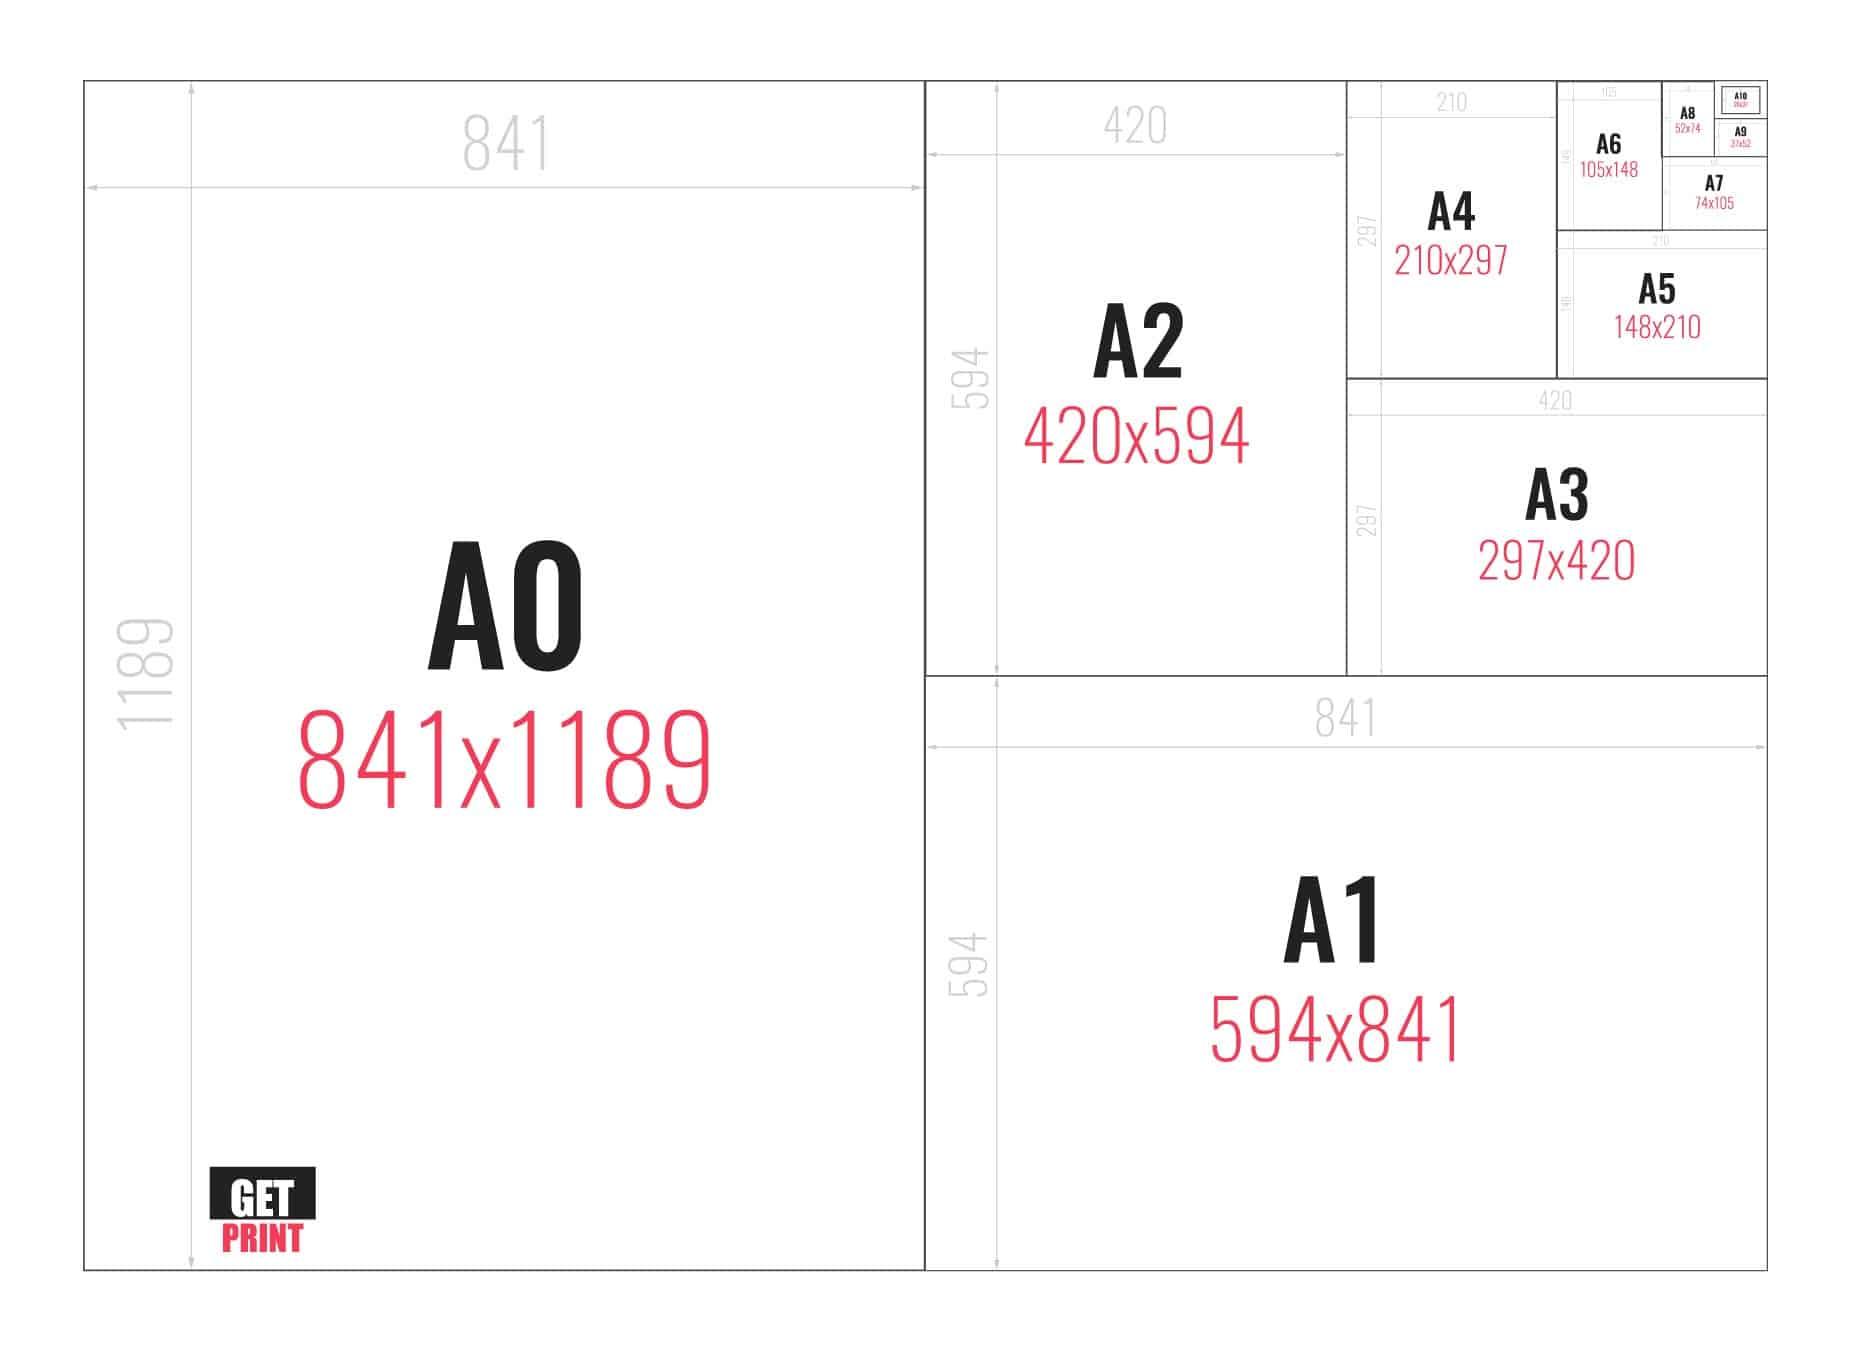 מידות נייר לדפוס - גט פרינט דפוס לעסקים Get Print